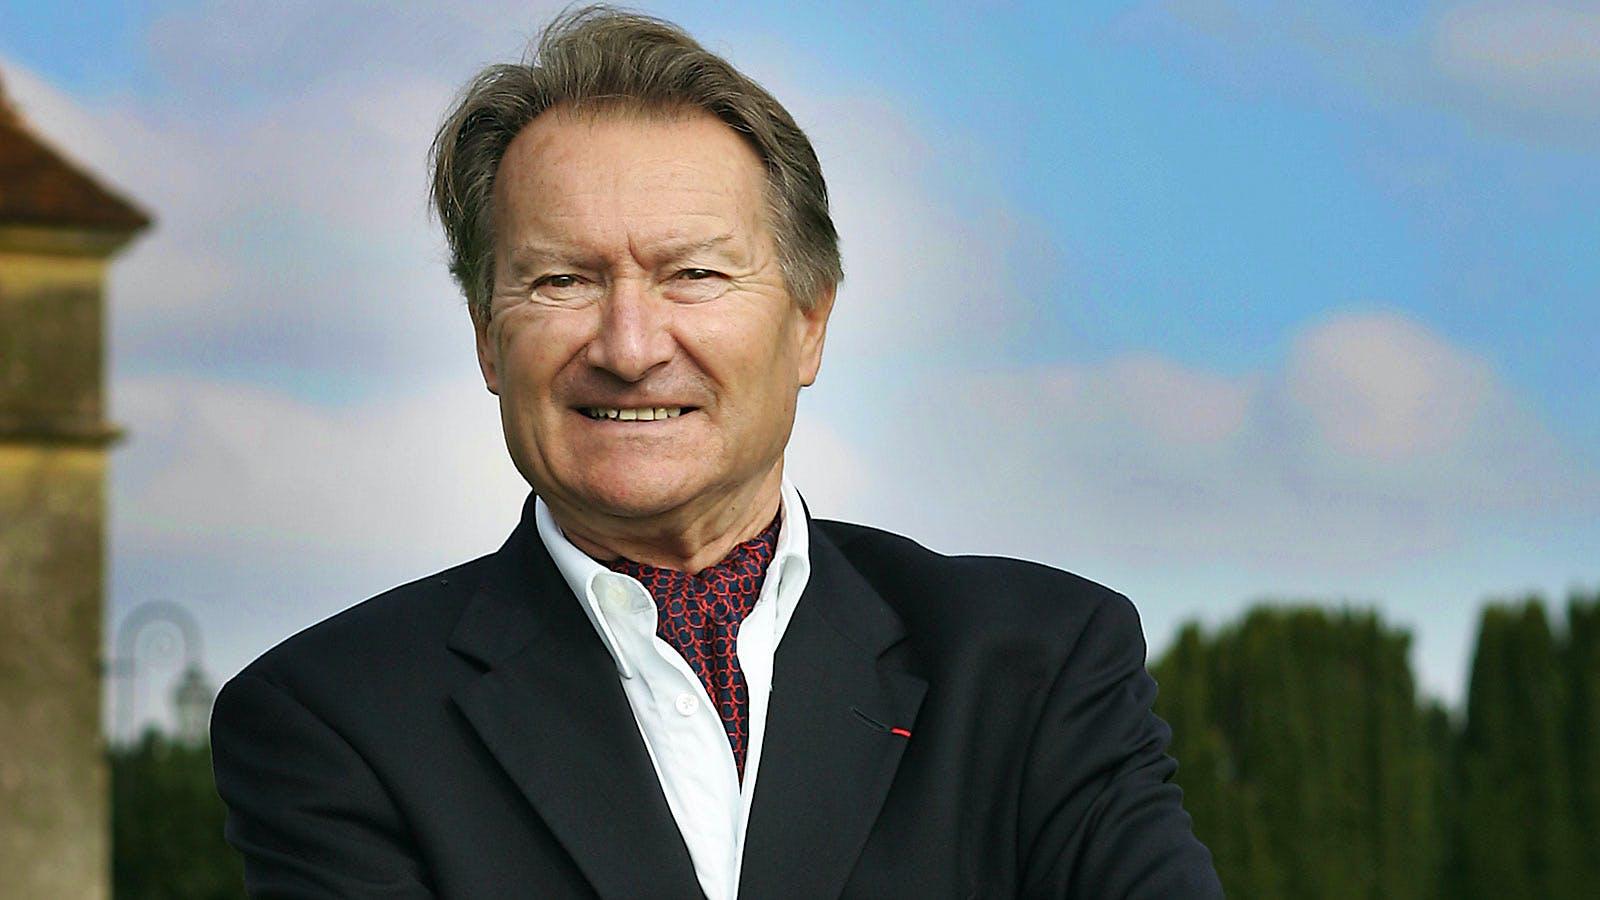 André Lurton, Bordeaux Legend, Dies at 94